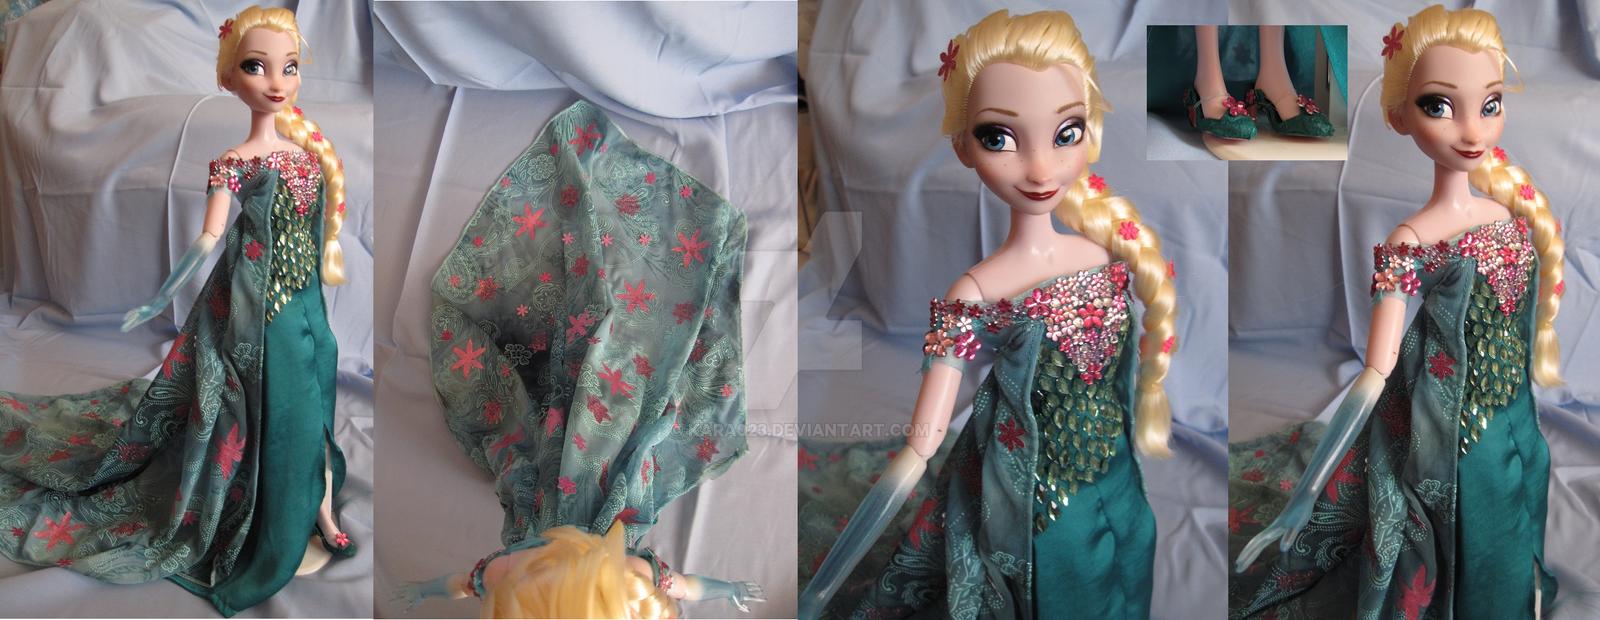 Сшить куклу эльзу из холодного сердца 52